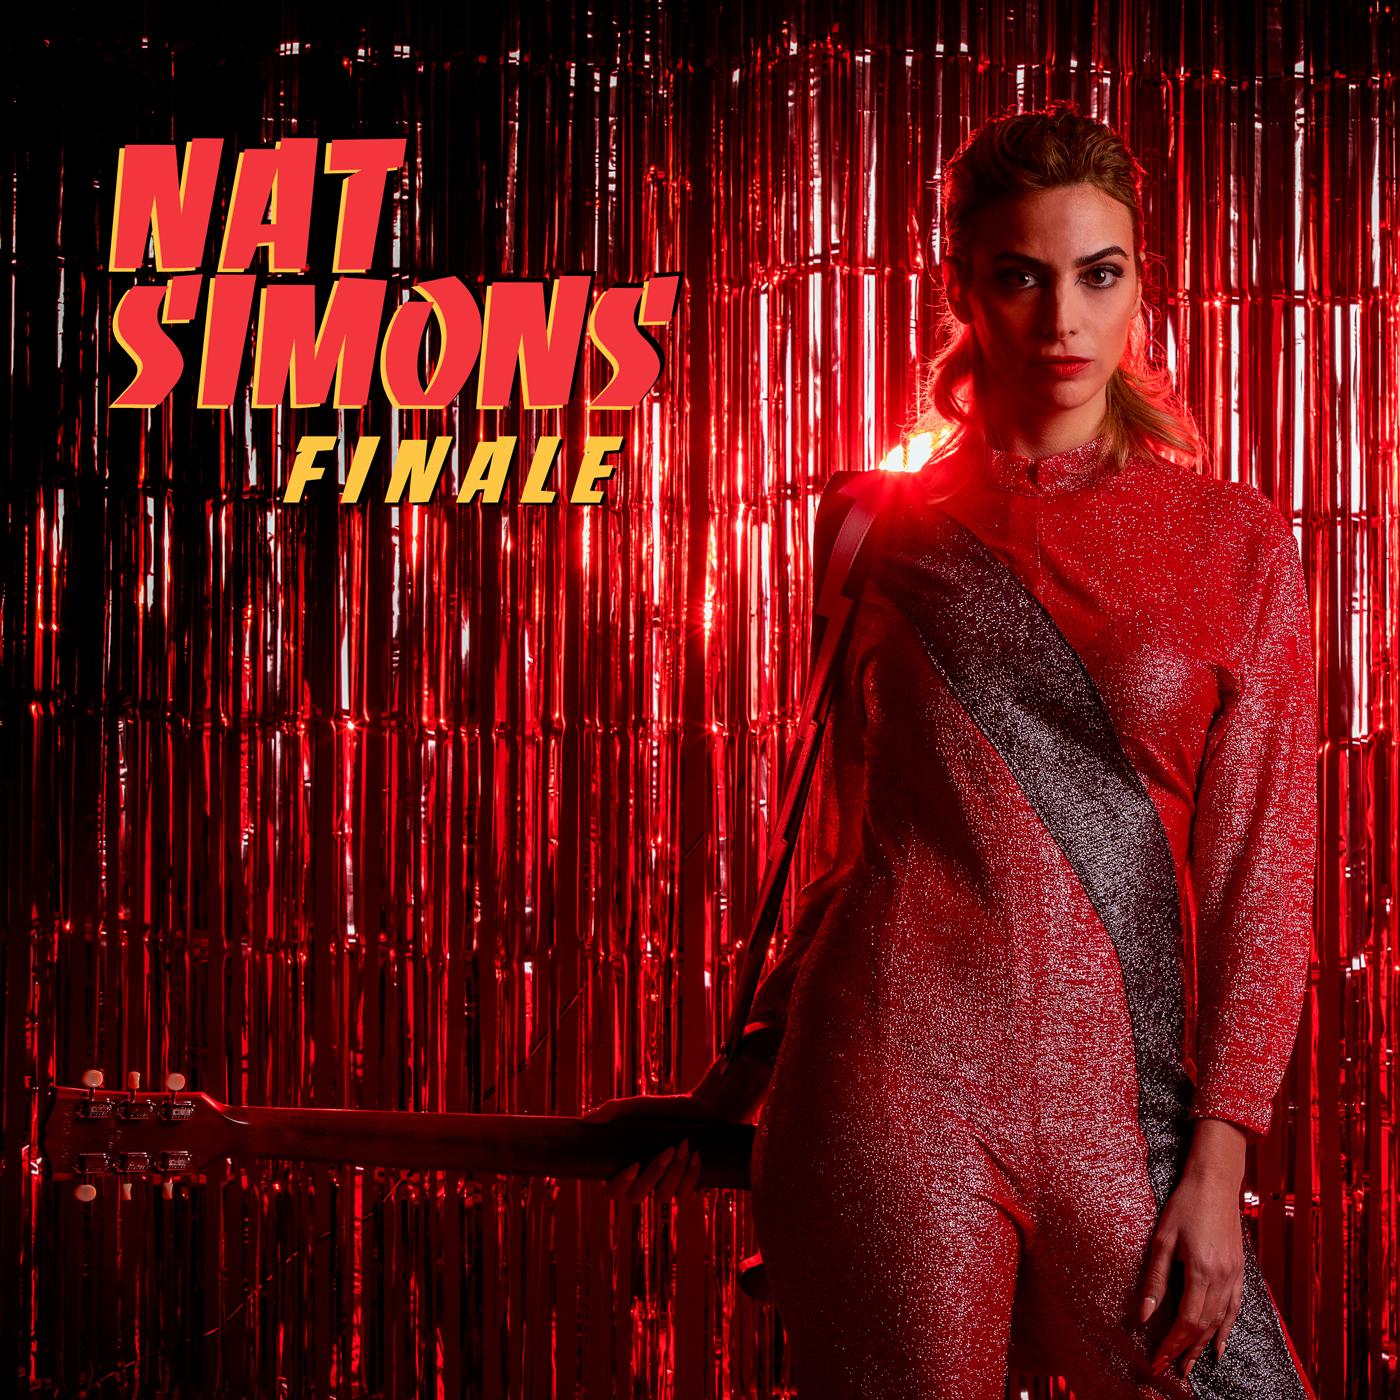 Nat Simons. Finale